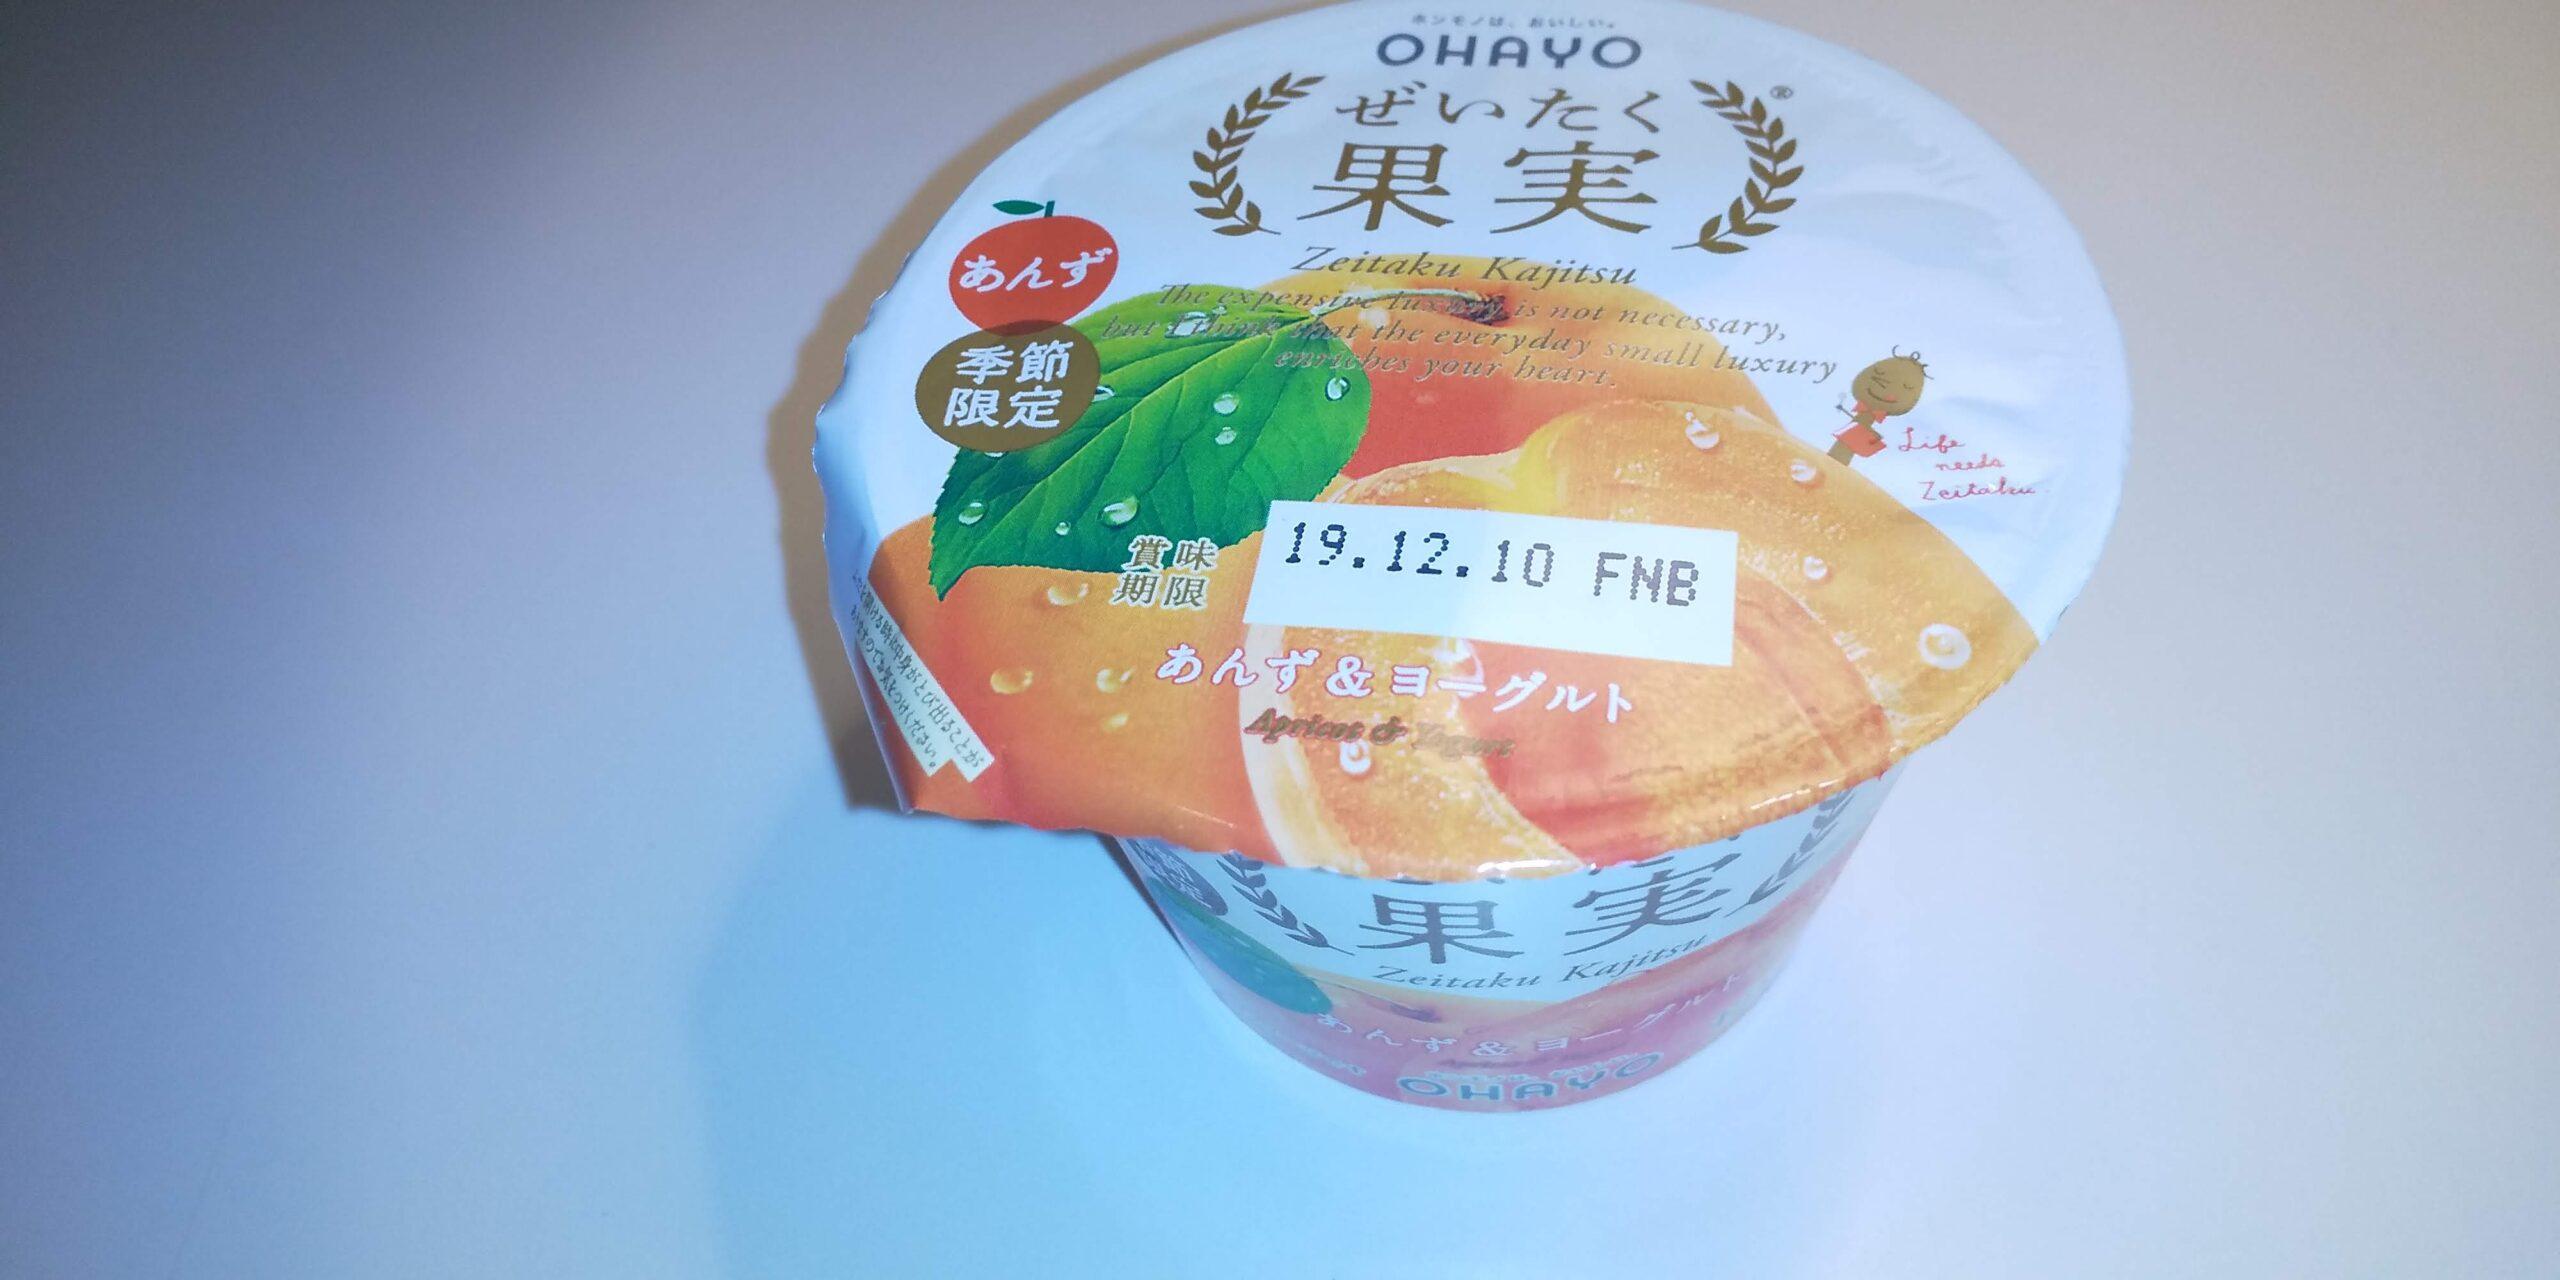 オハヨー乳業「ぜいたく果実あんず&ヨーグルト